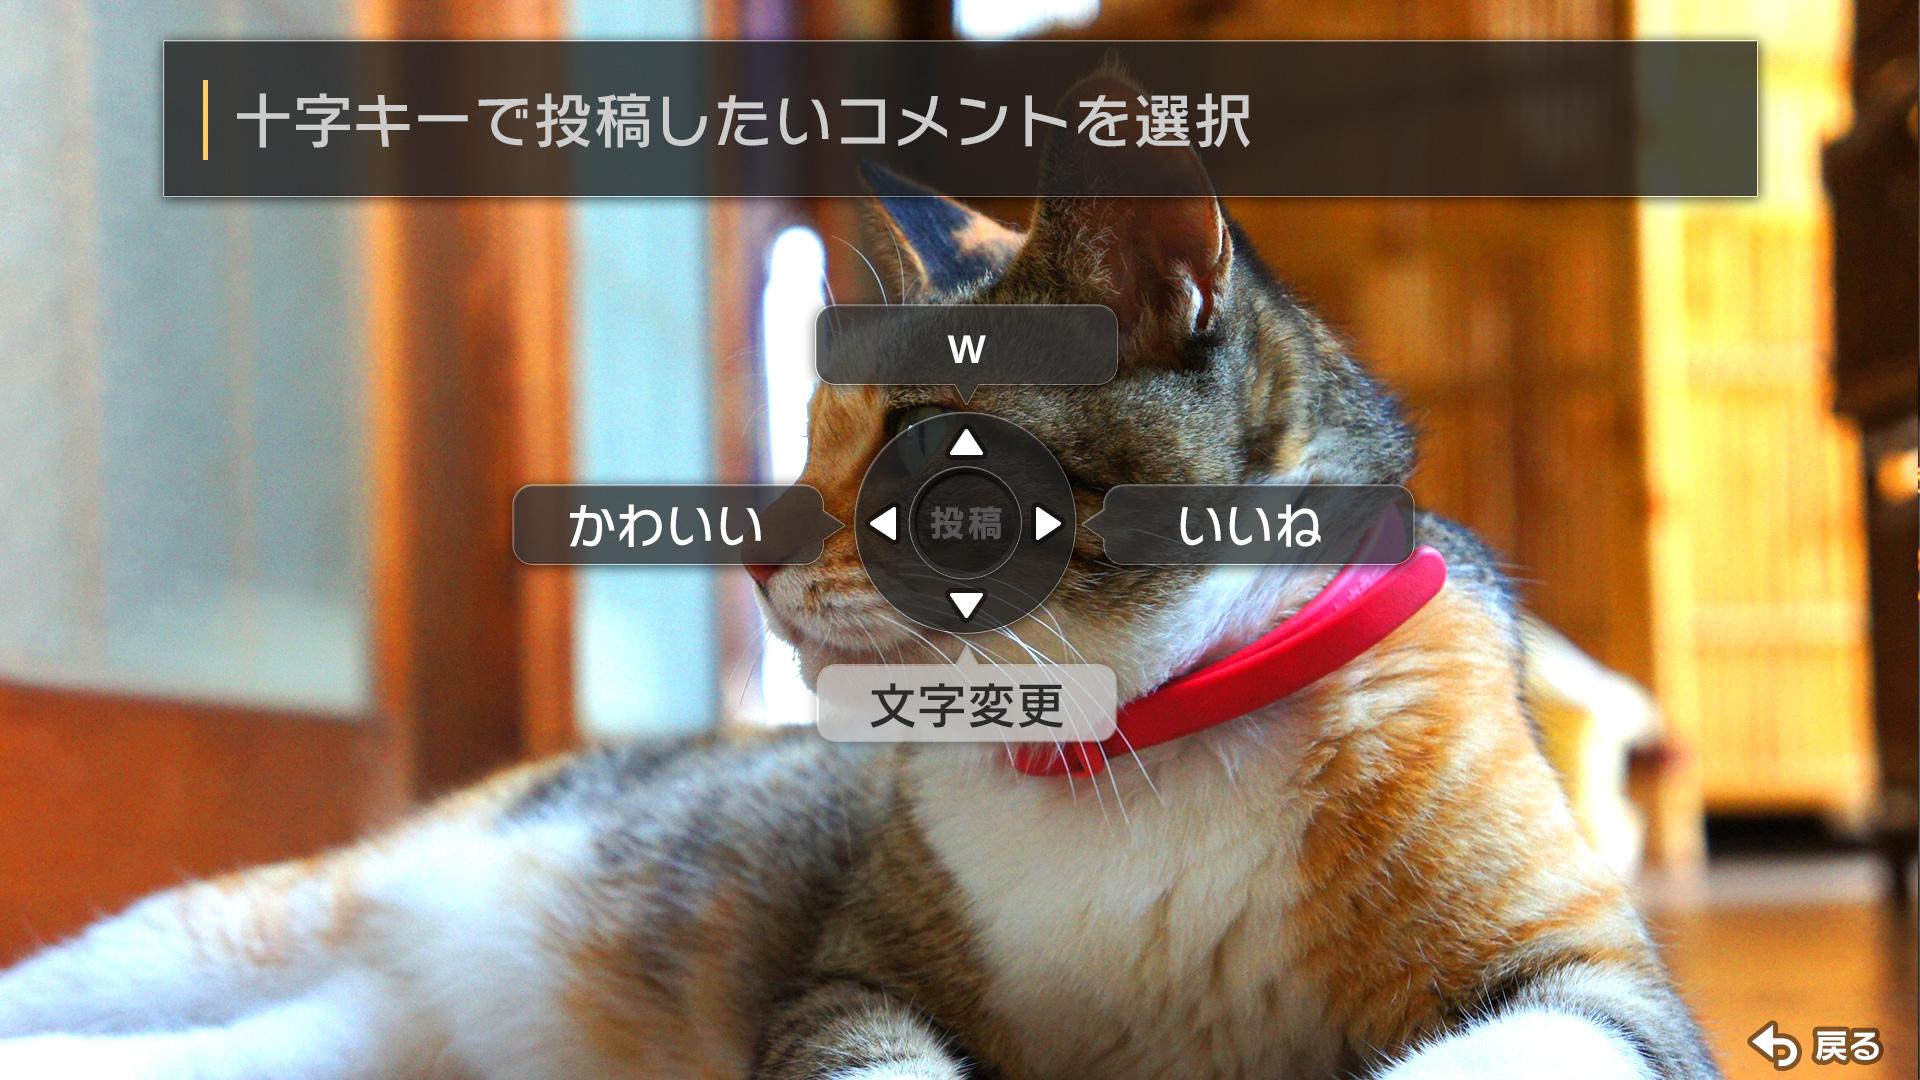 動画プレイヤー簡単コメント.jpg